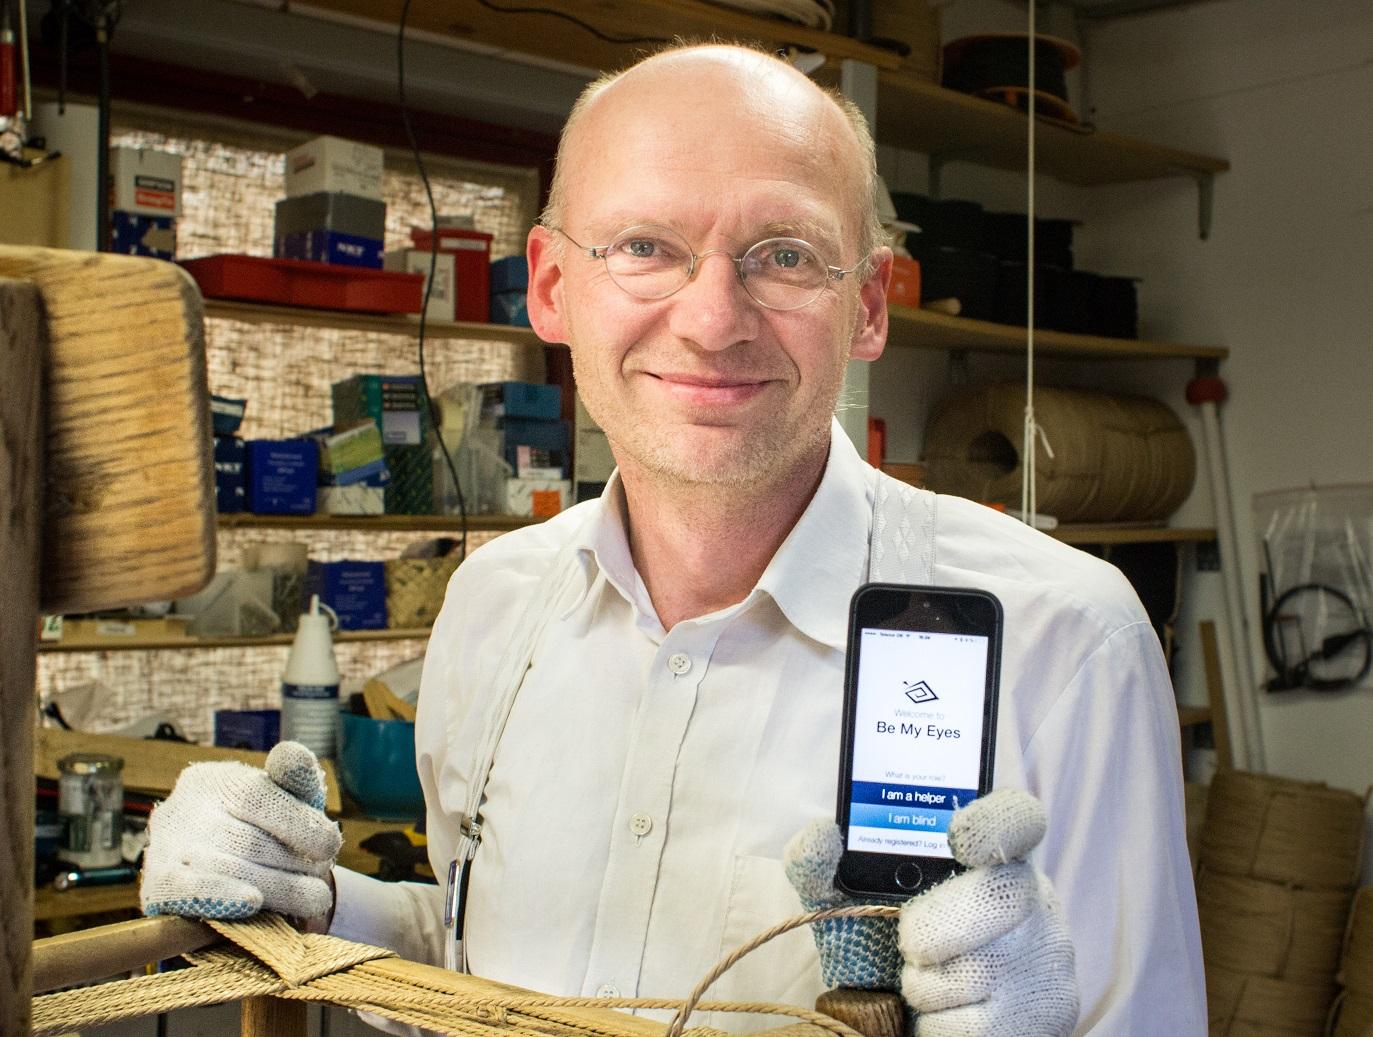 Hans Wiberg, inventor do aplicativo 'Be my eyes', que permite 'emprestar' nossos olhos para pessoas cegas ou com baixa visão. Foto Divulgação